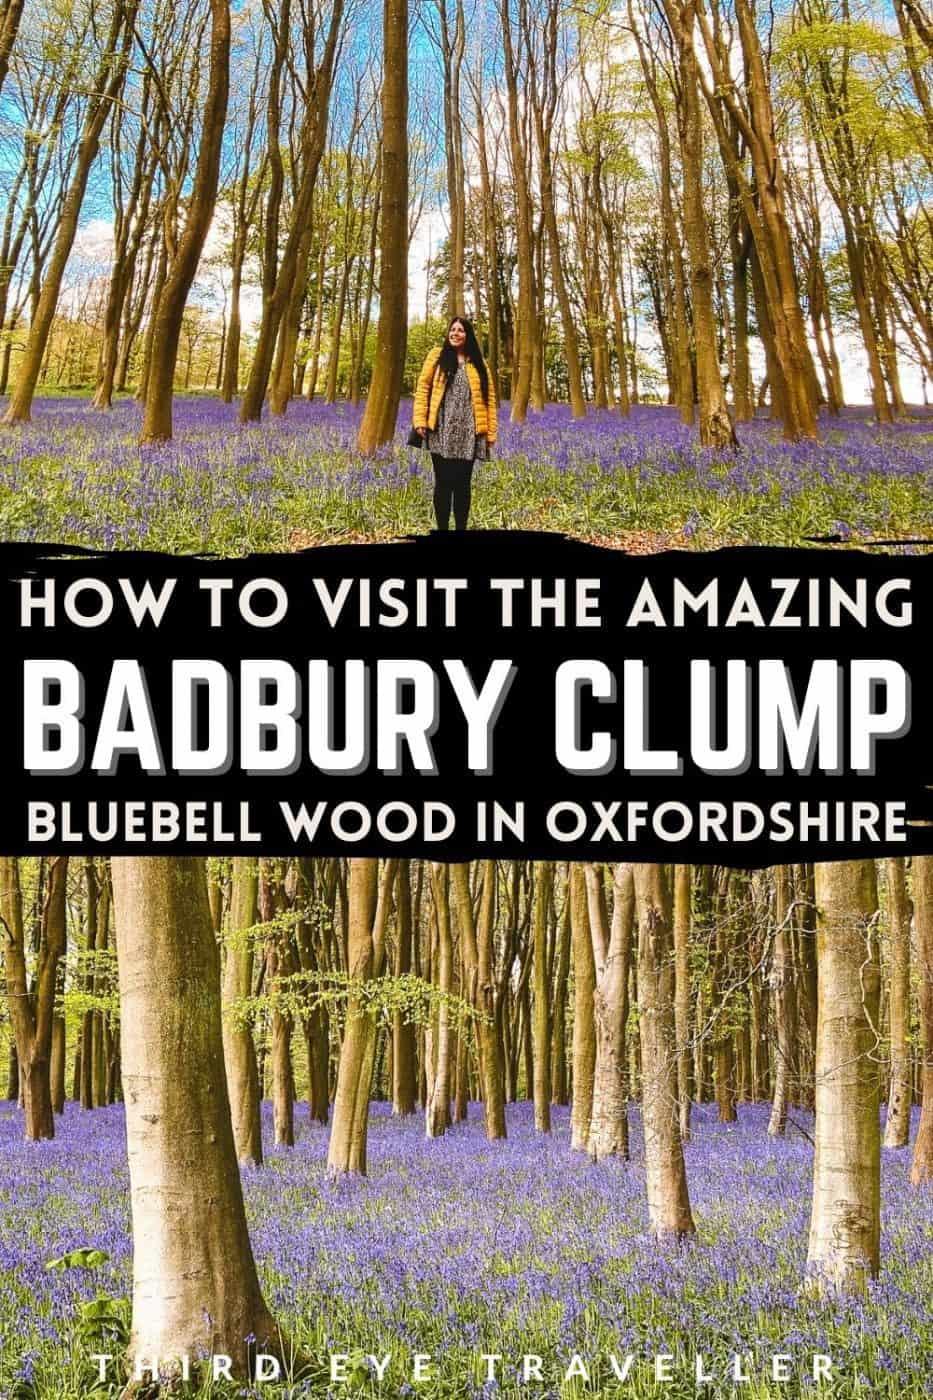 Badbury Clump Bluebell Wood